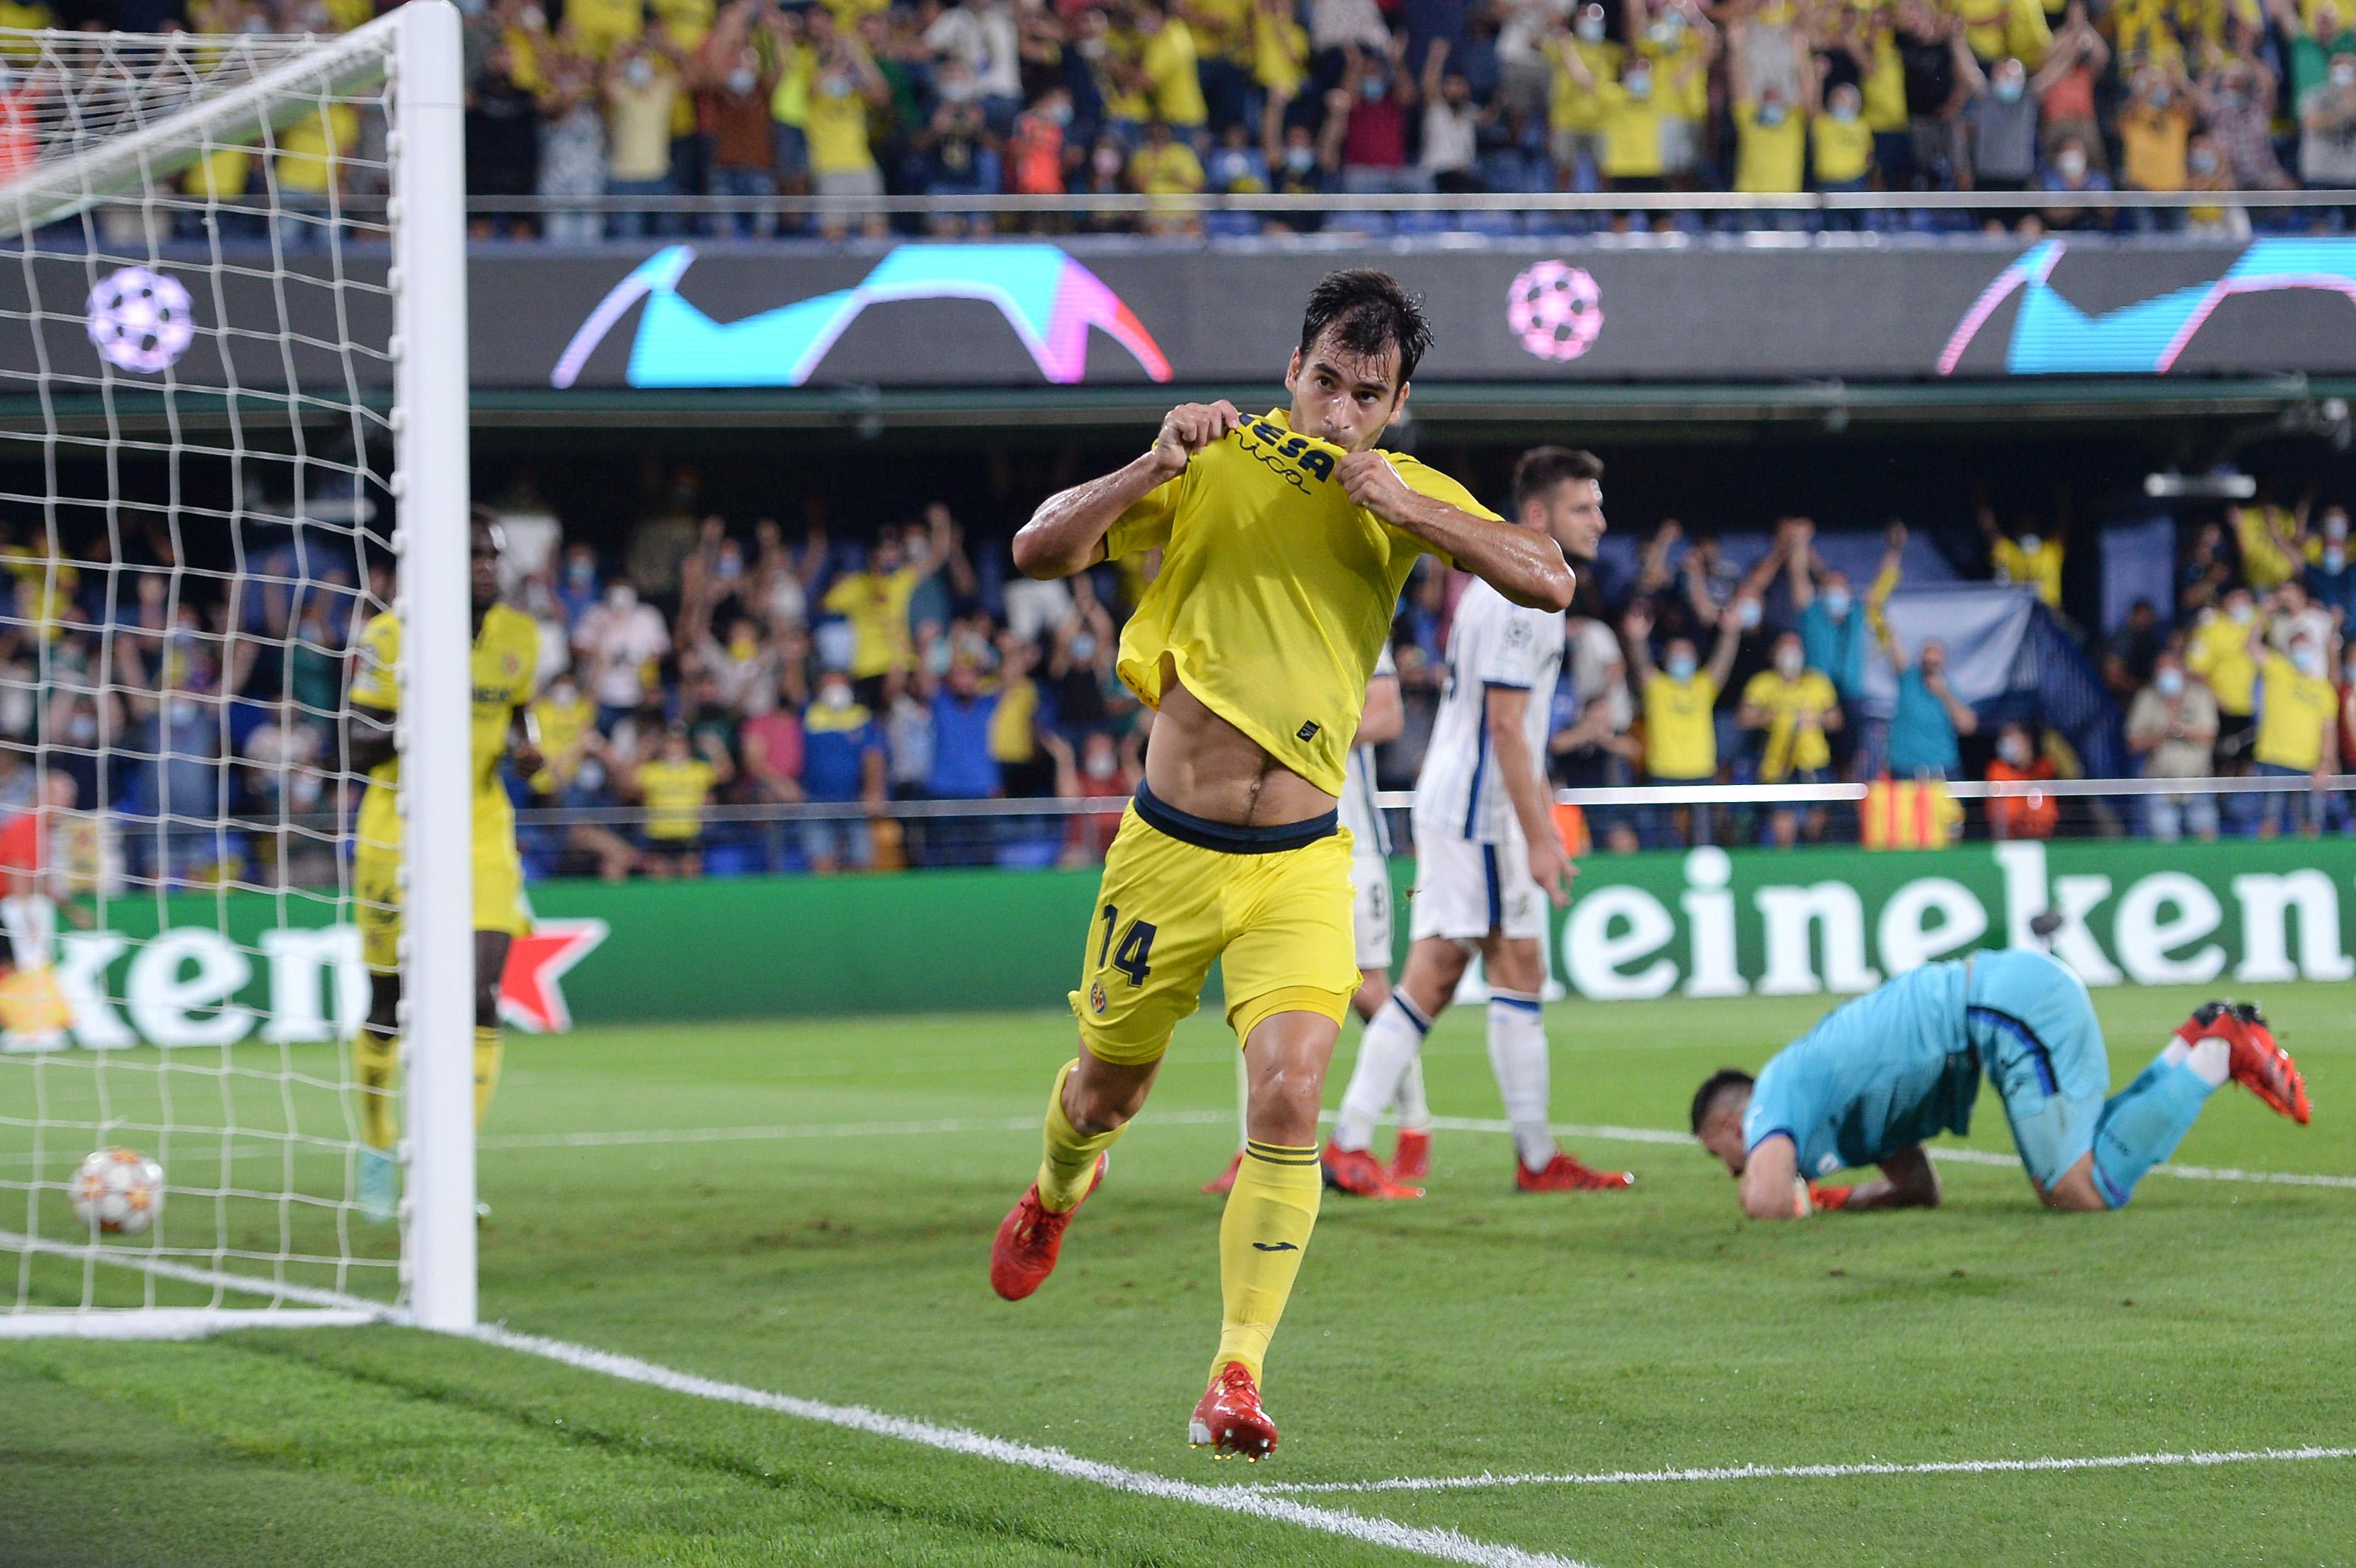 Villarreal CF v Atalanta: Group F - UEFA Champions League